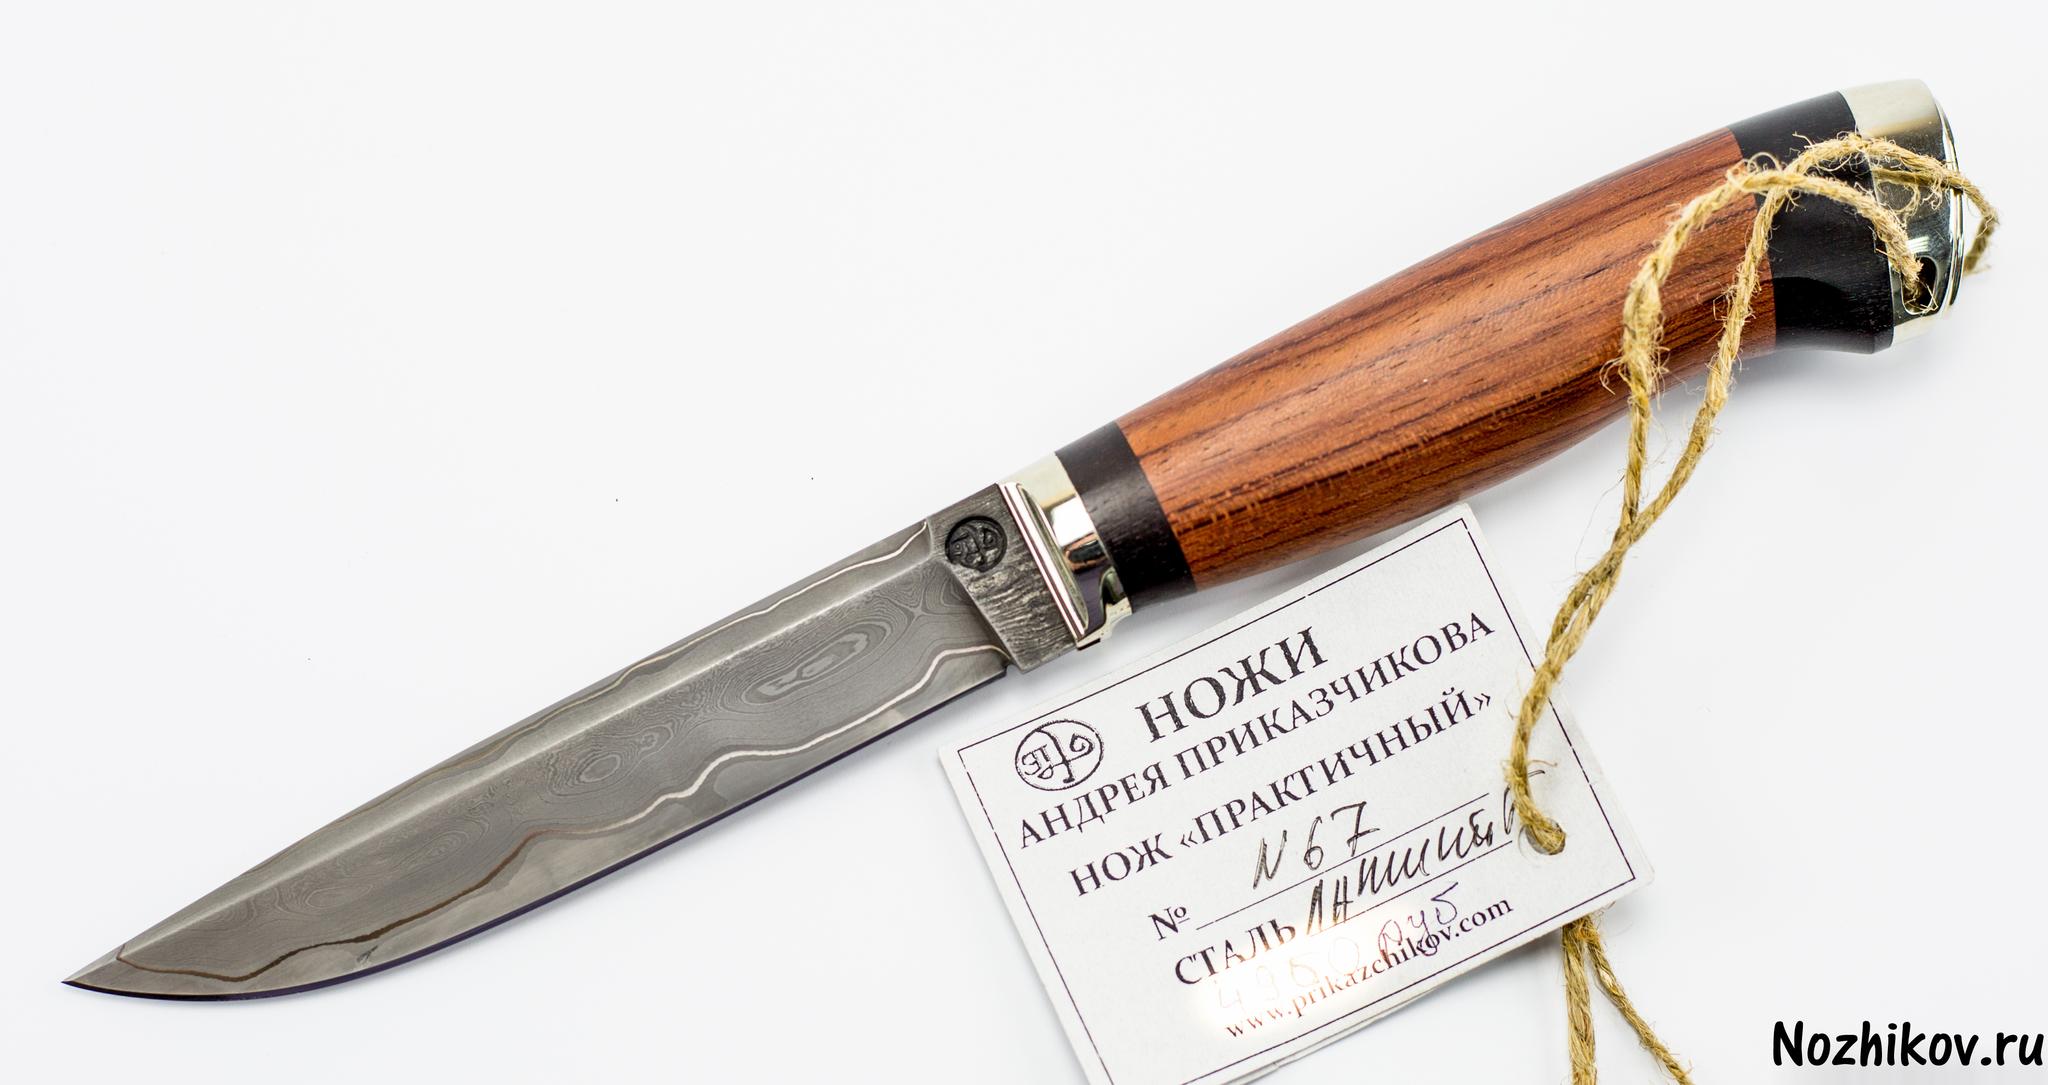 Нож Практичный №67 из Ламината, от Приказчикова